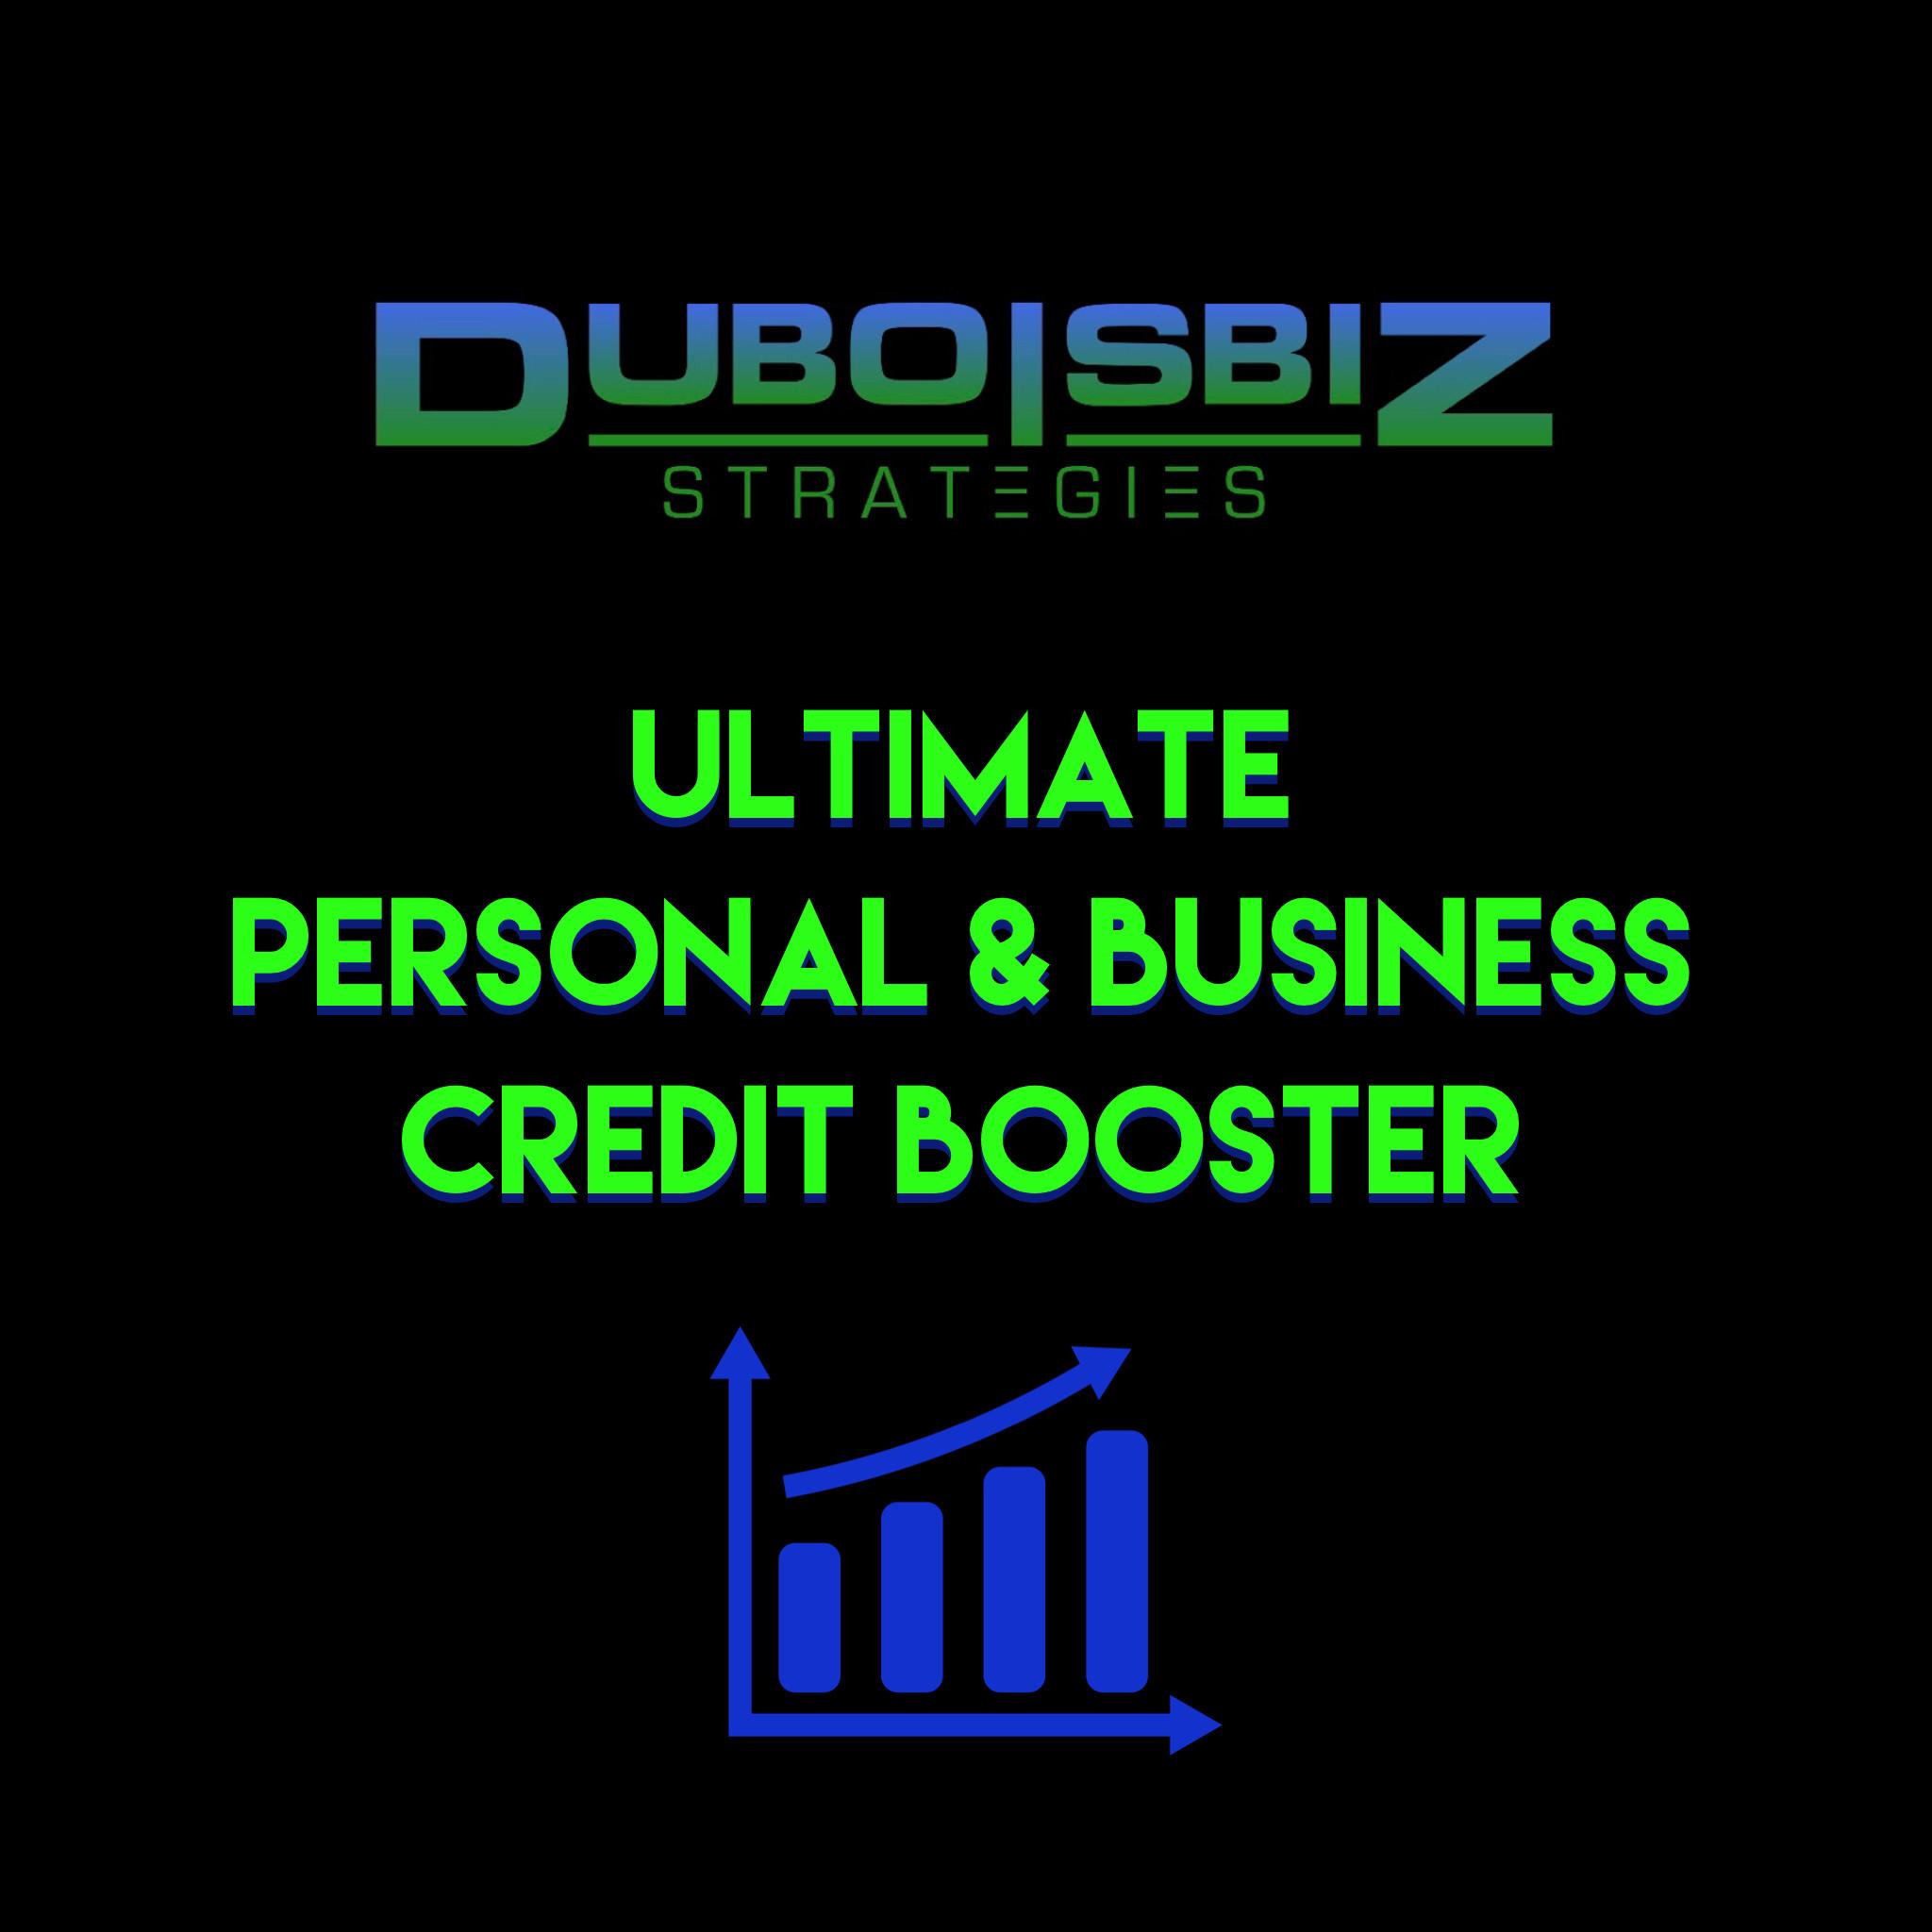 Ultimate Credit Booster (Personal & Biz)